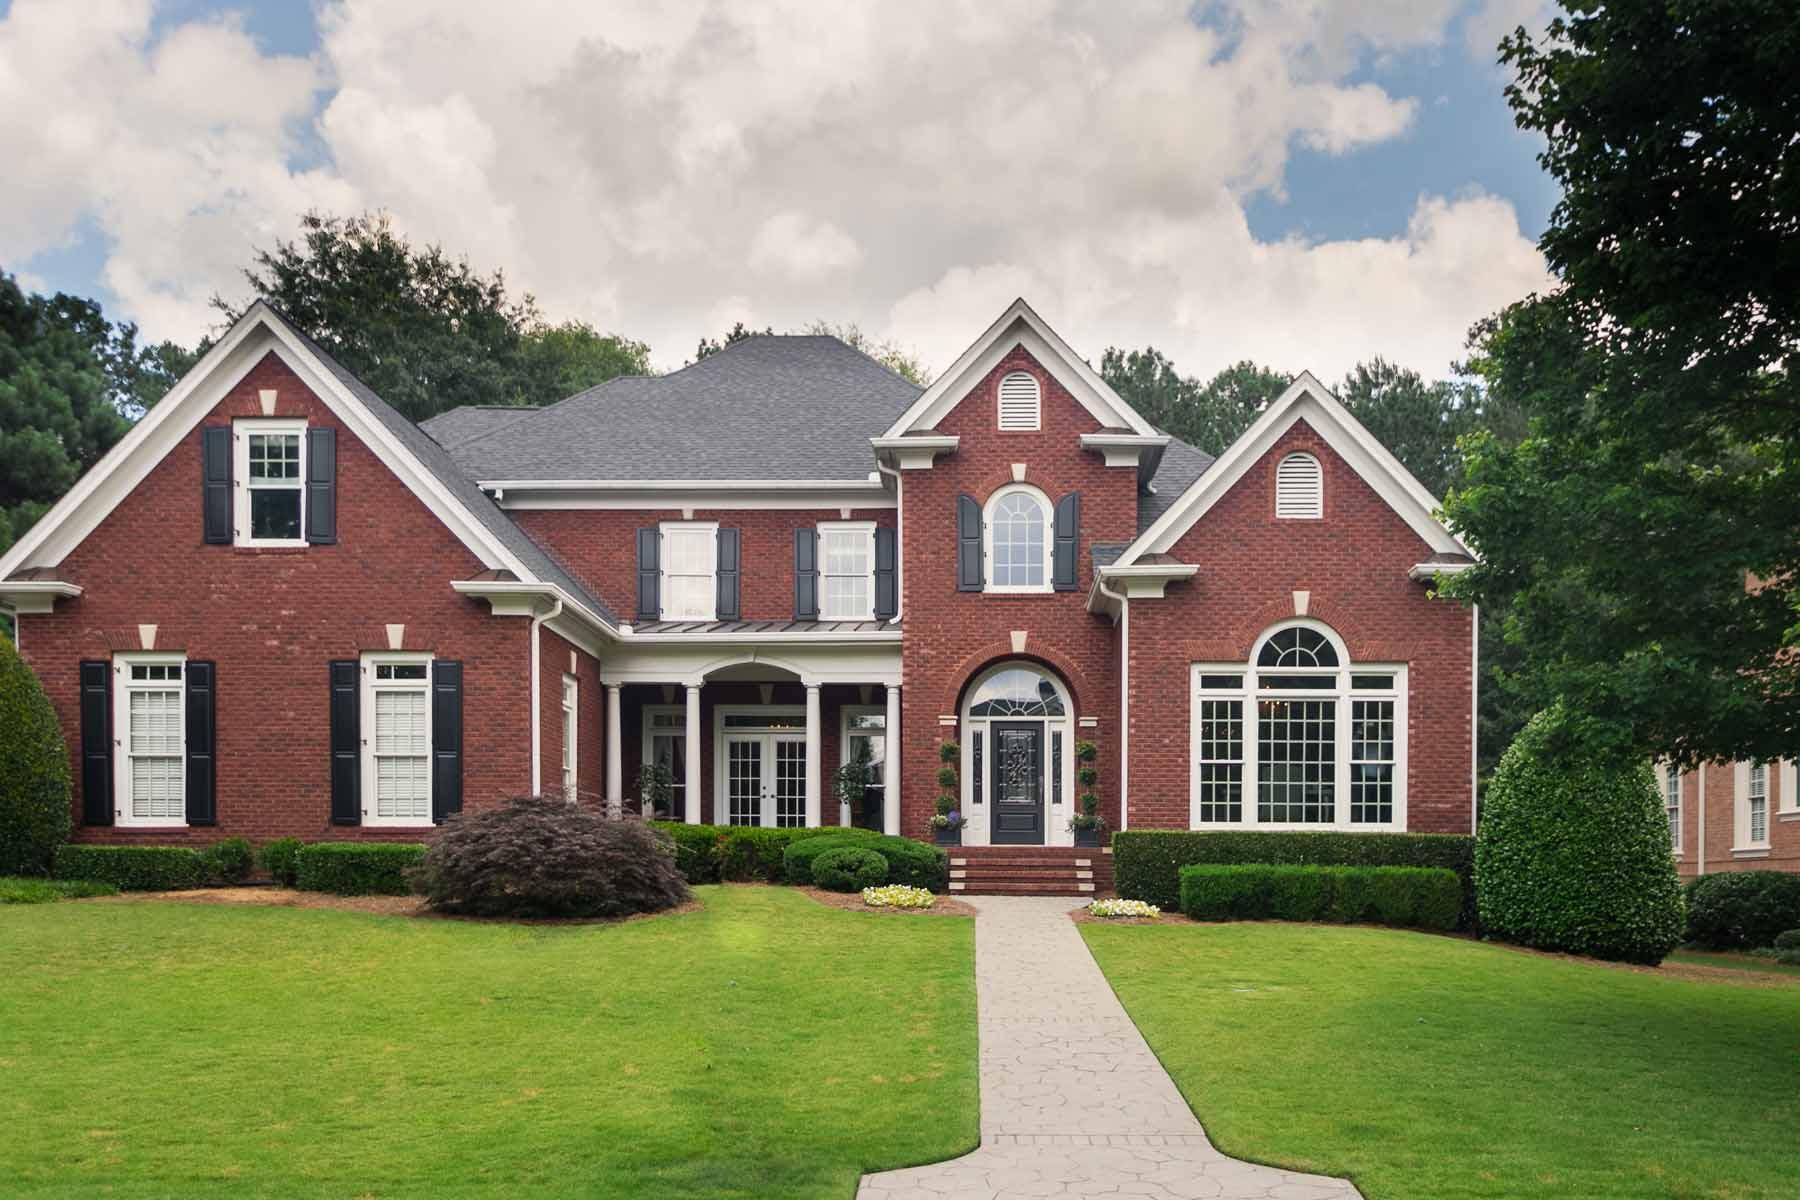 Maison unifamiliale pour l Vente à 140 High Bluff Court Johns Creek, Georgia, 30097 États-Unis